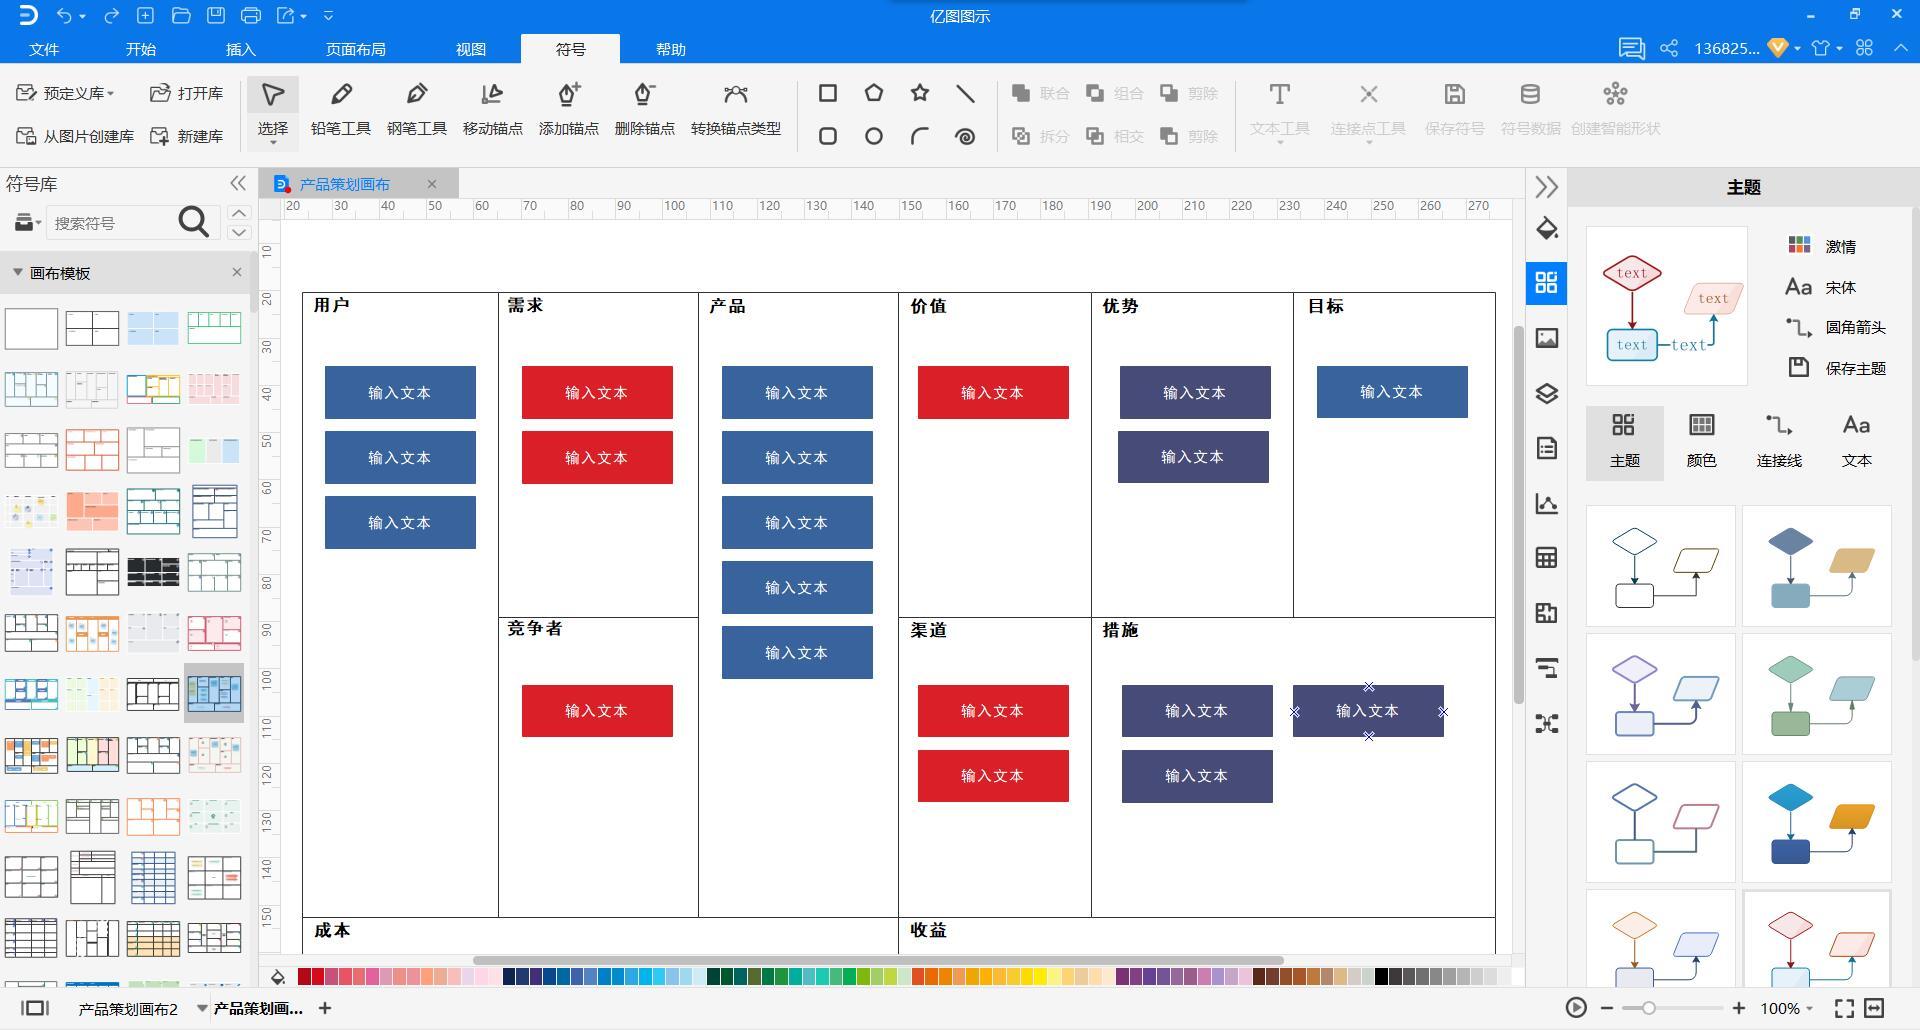 产品策划分析图主题